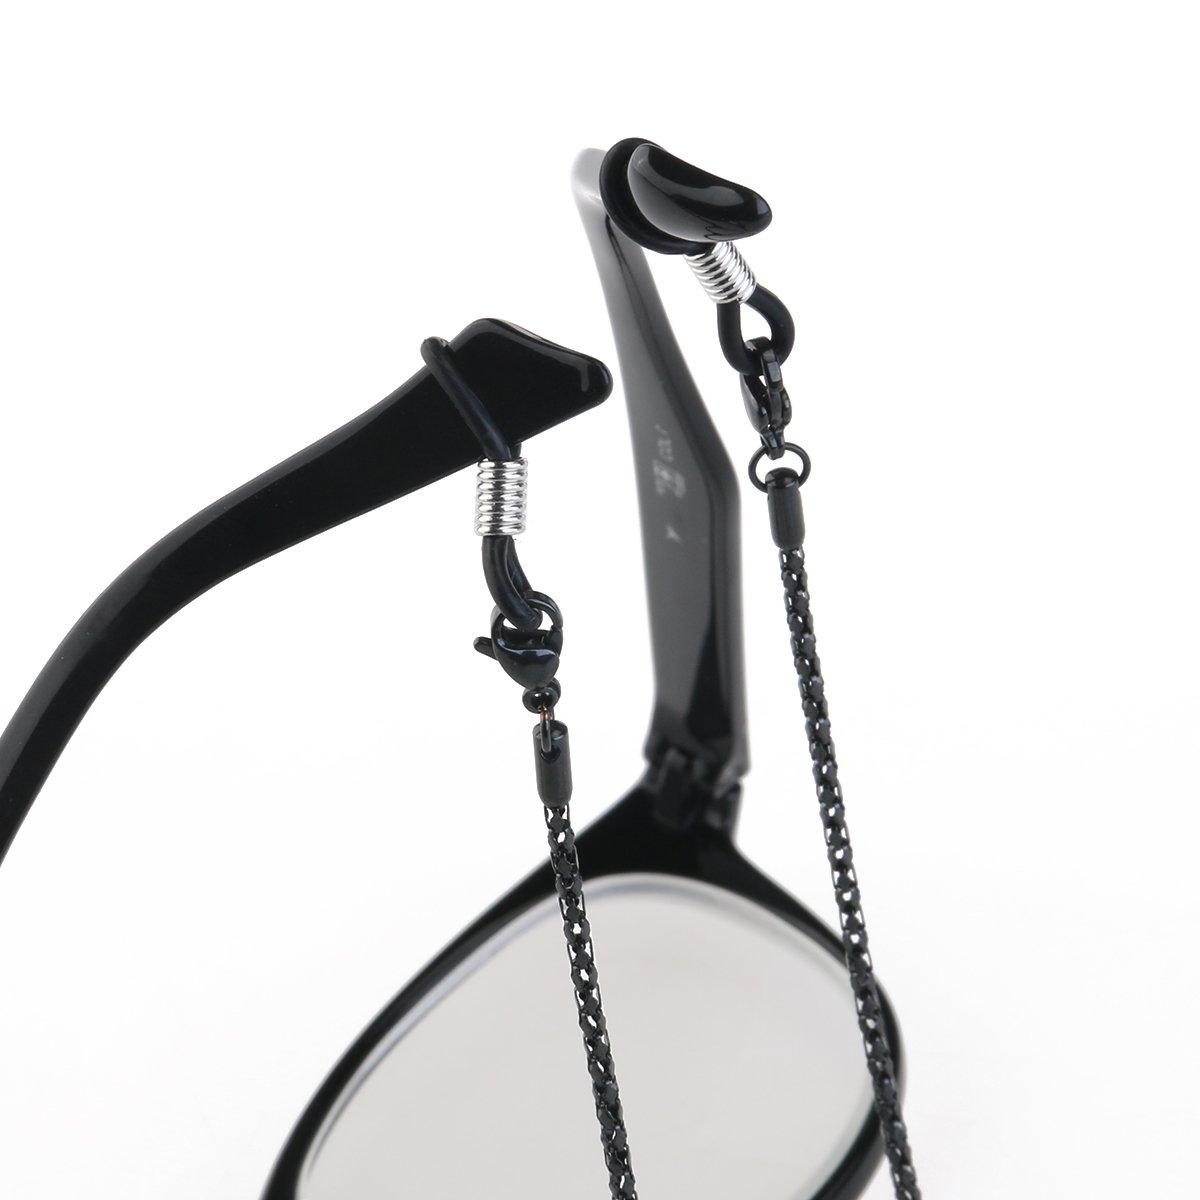 LUOEM Anti-Rutsch-Brillen Sonnenbrillen Gl/äser Hals Gurt Brillen Kette f/ür Brille Seil Gurt Halter schwarz